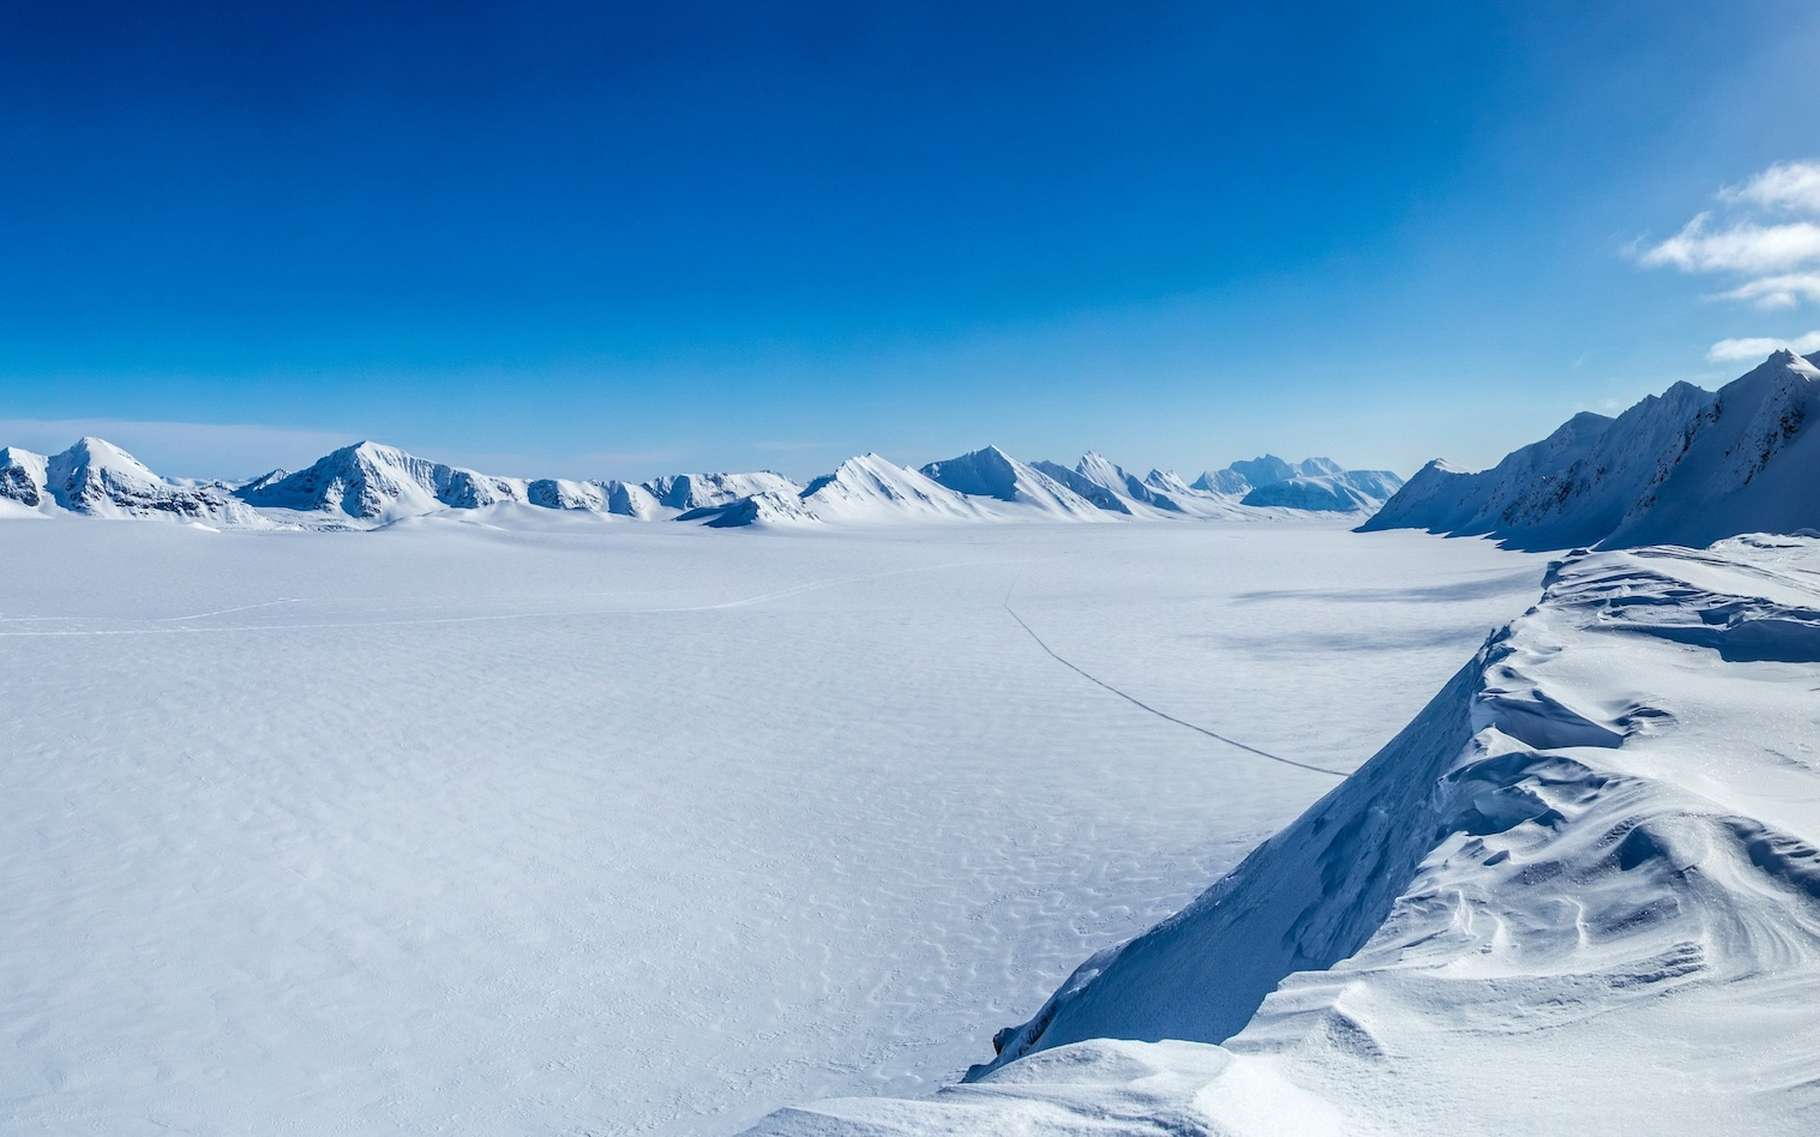 Des physiciens de l'université de l'État de l'Ohio (États-Unis) envisagent d'envoyer des ondes radio sur la glace de l'Antarctique pour détecter ensuite l'écho résultant du passage de neutrinos. © KrisGrabiec, Adobe Stock